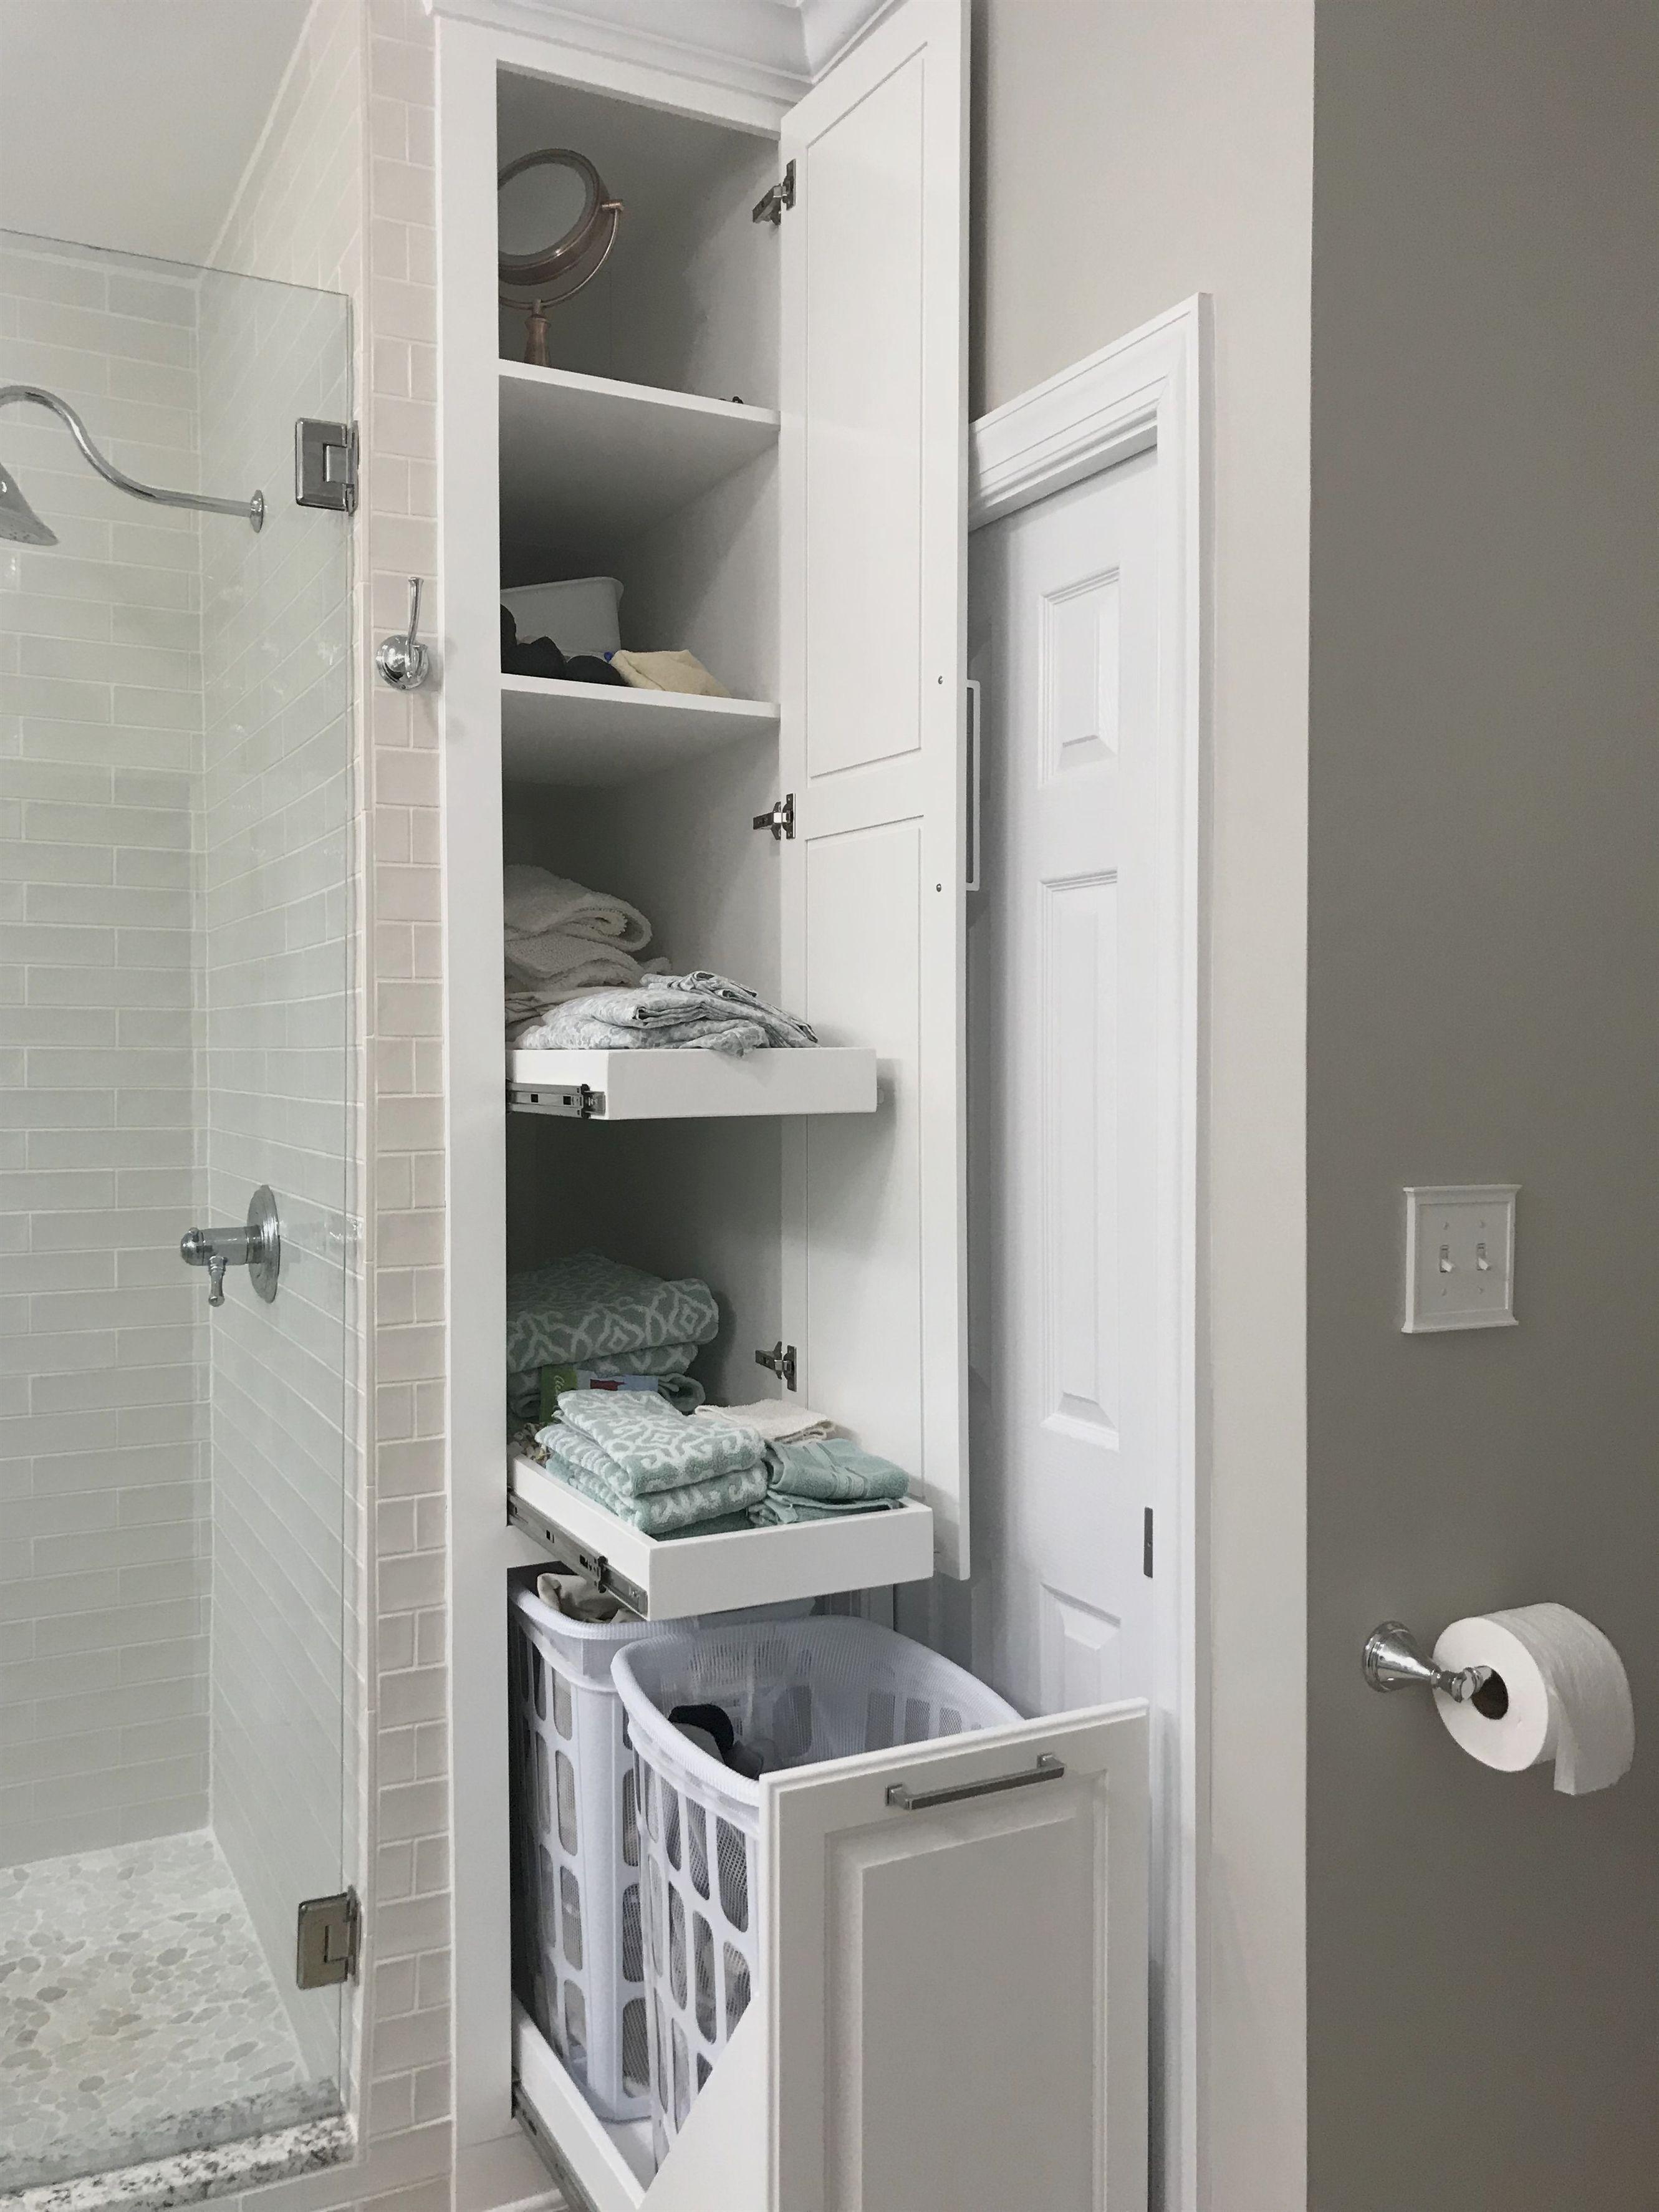 Bathroomshapesmasterbath Bathroomrenovationideas Small Bathroom